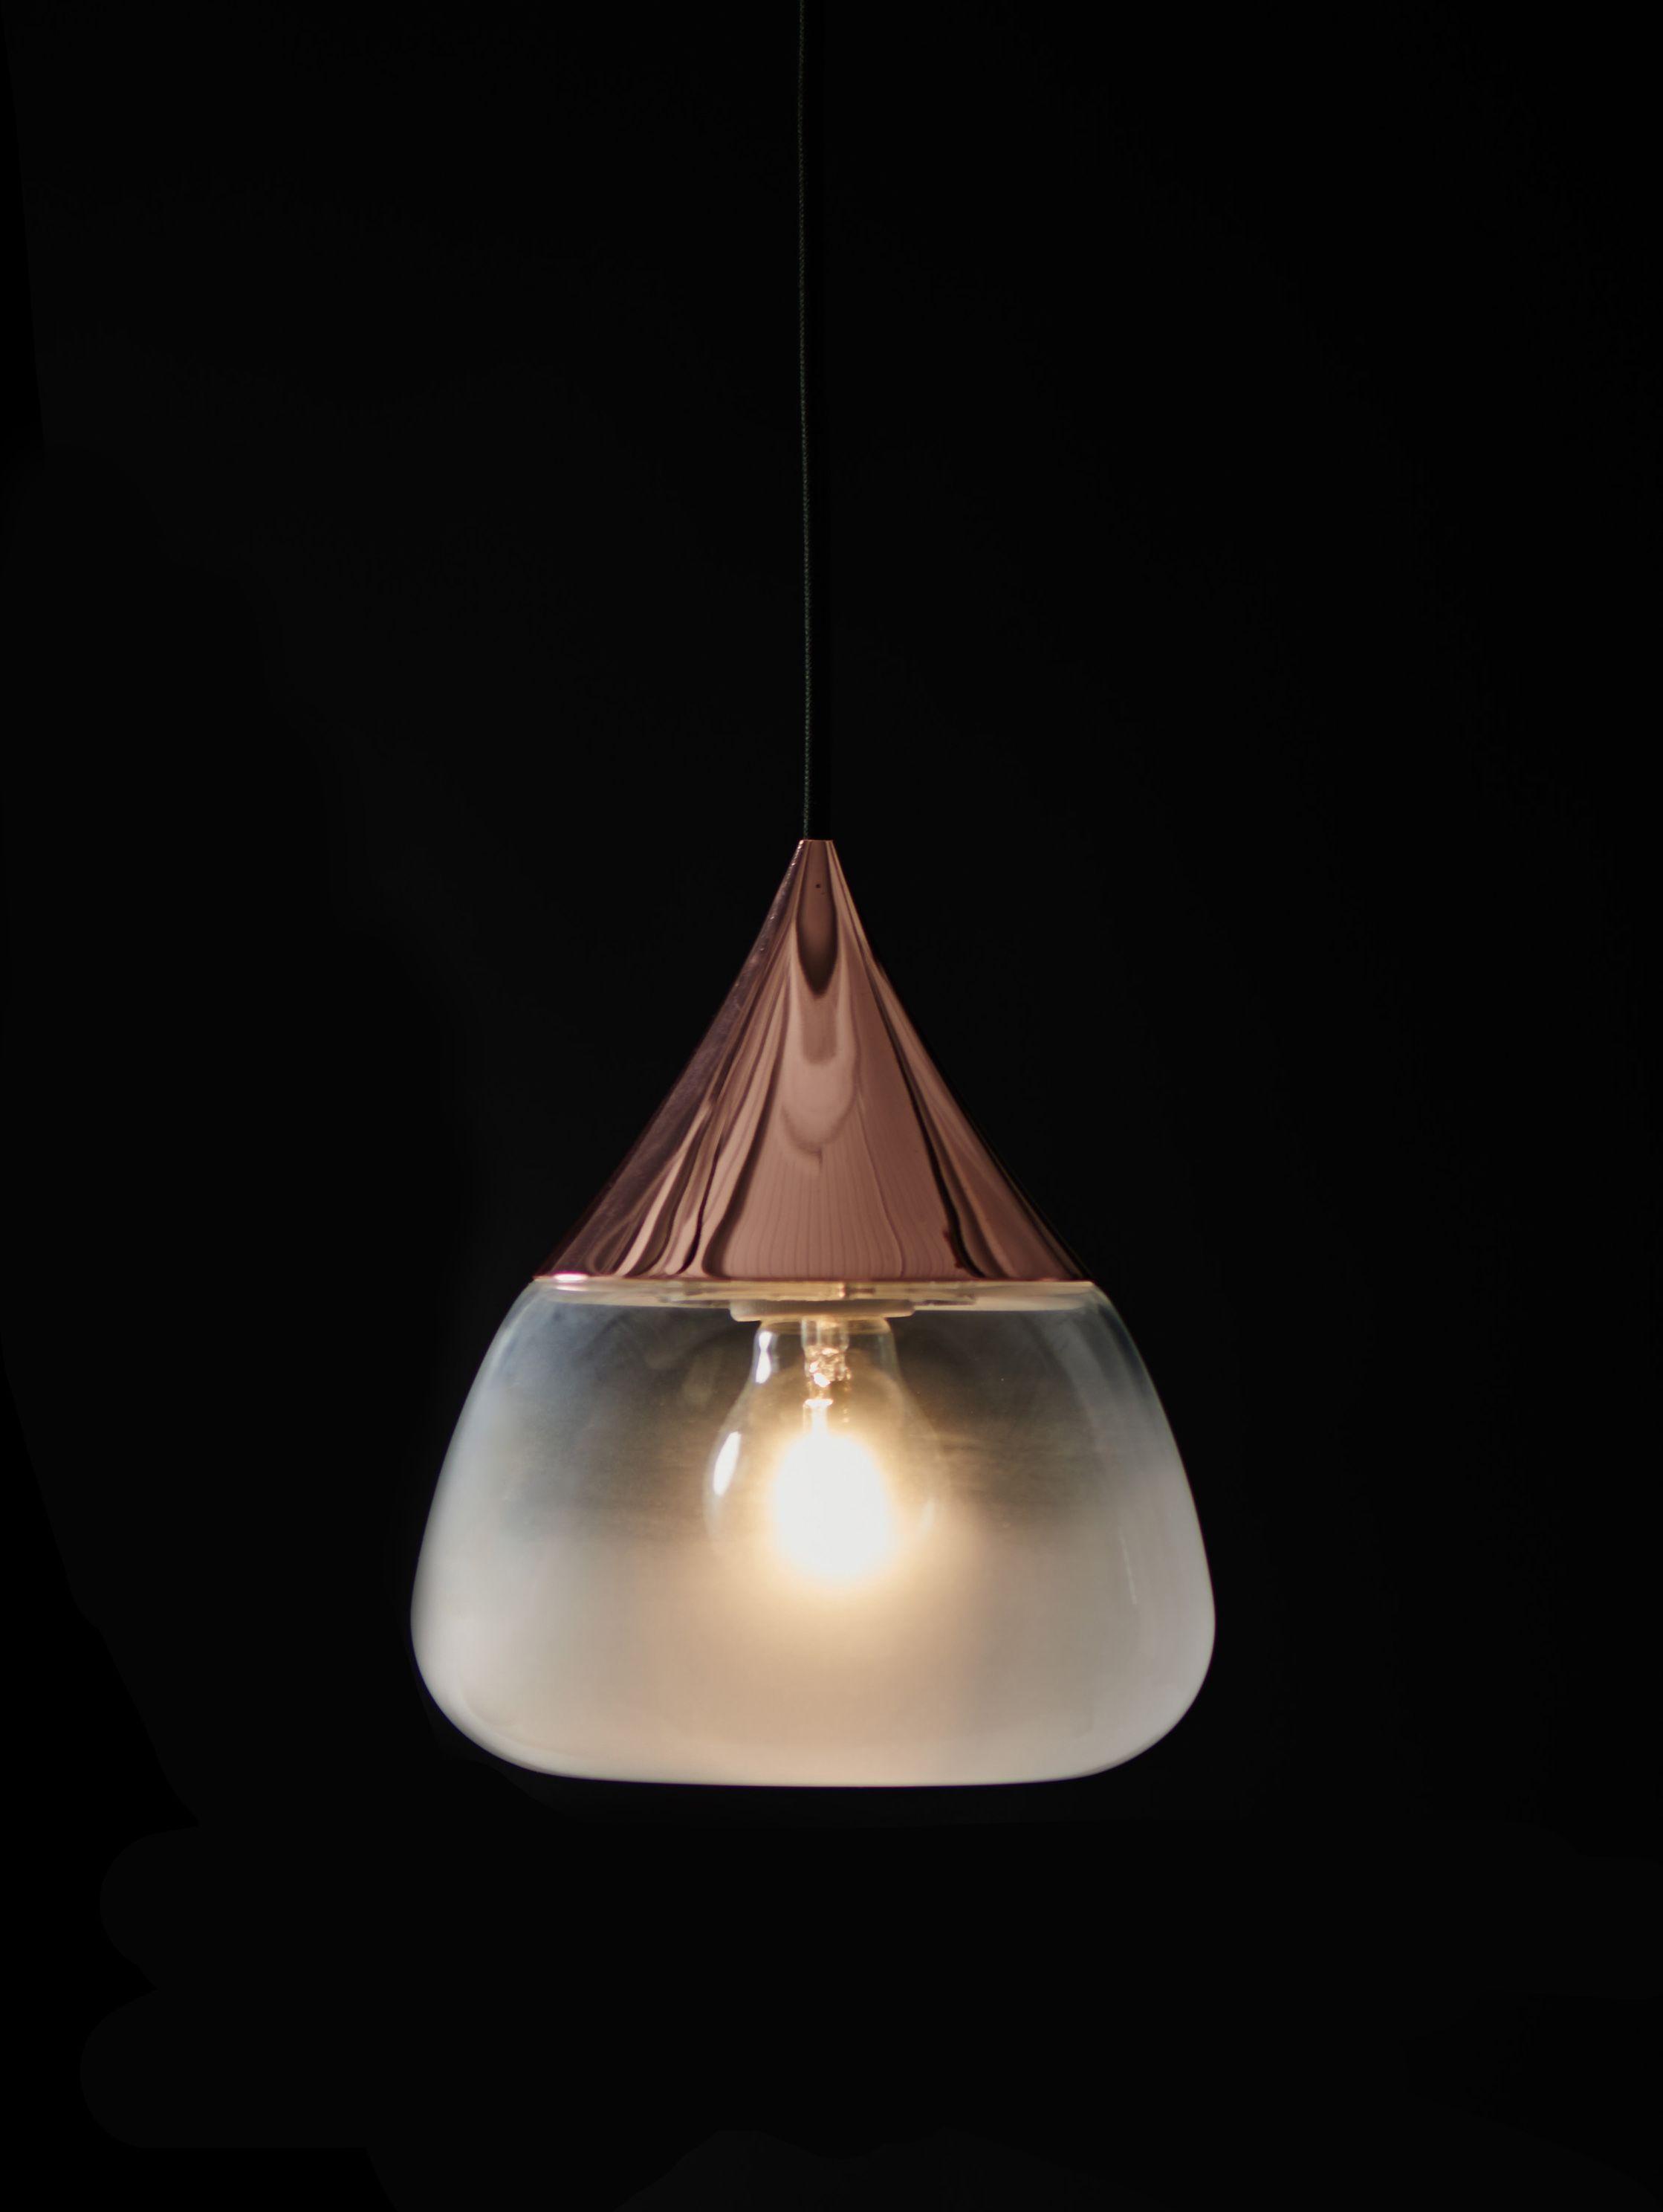 Mist Pendant M Unusual Pendant Lights Light Organic Lighting Unusual kitchen pendant lights